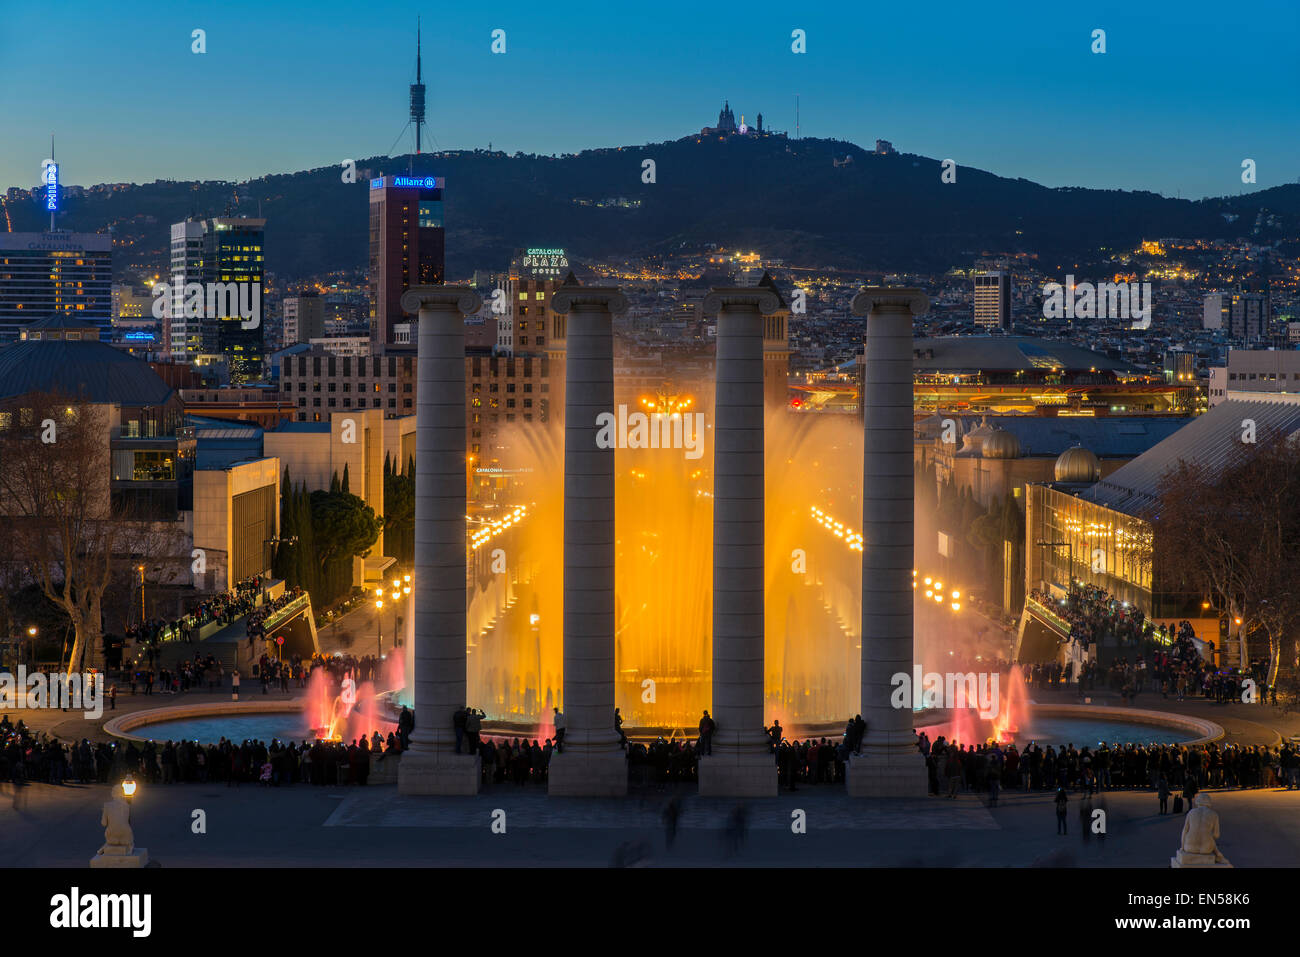 Luz de noche show en Fuente Mágica o la Fuente Mágica de Montjuic, situado en Barcelona, Cataluña, España Foto de stock